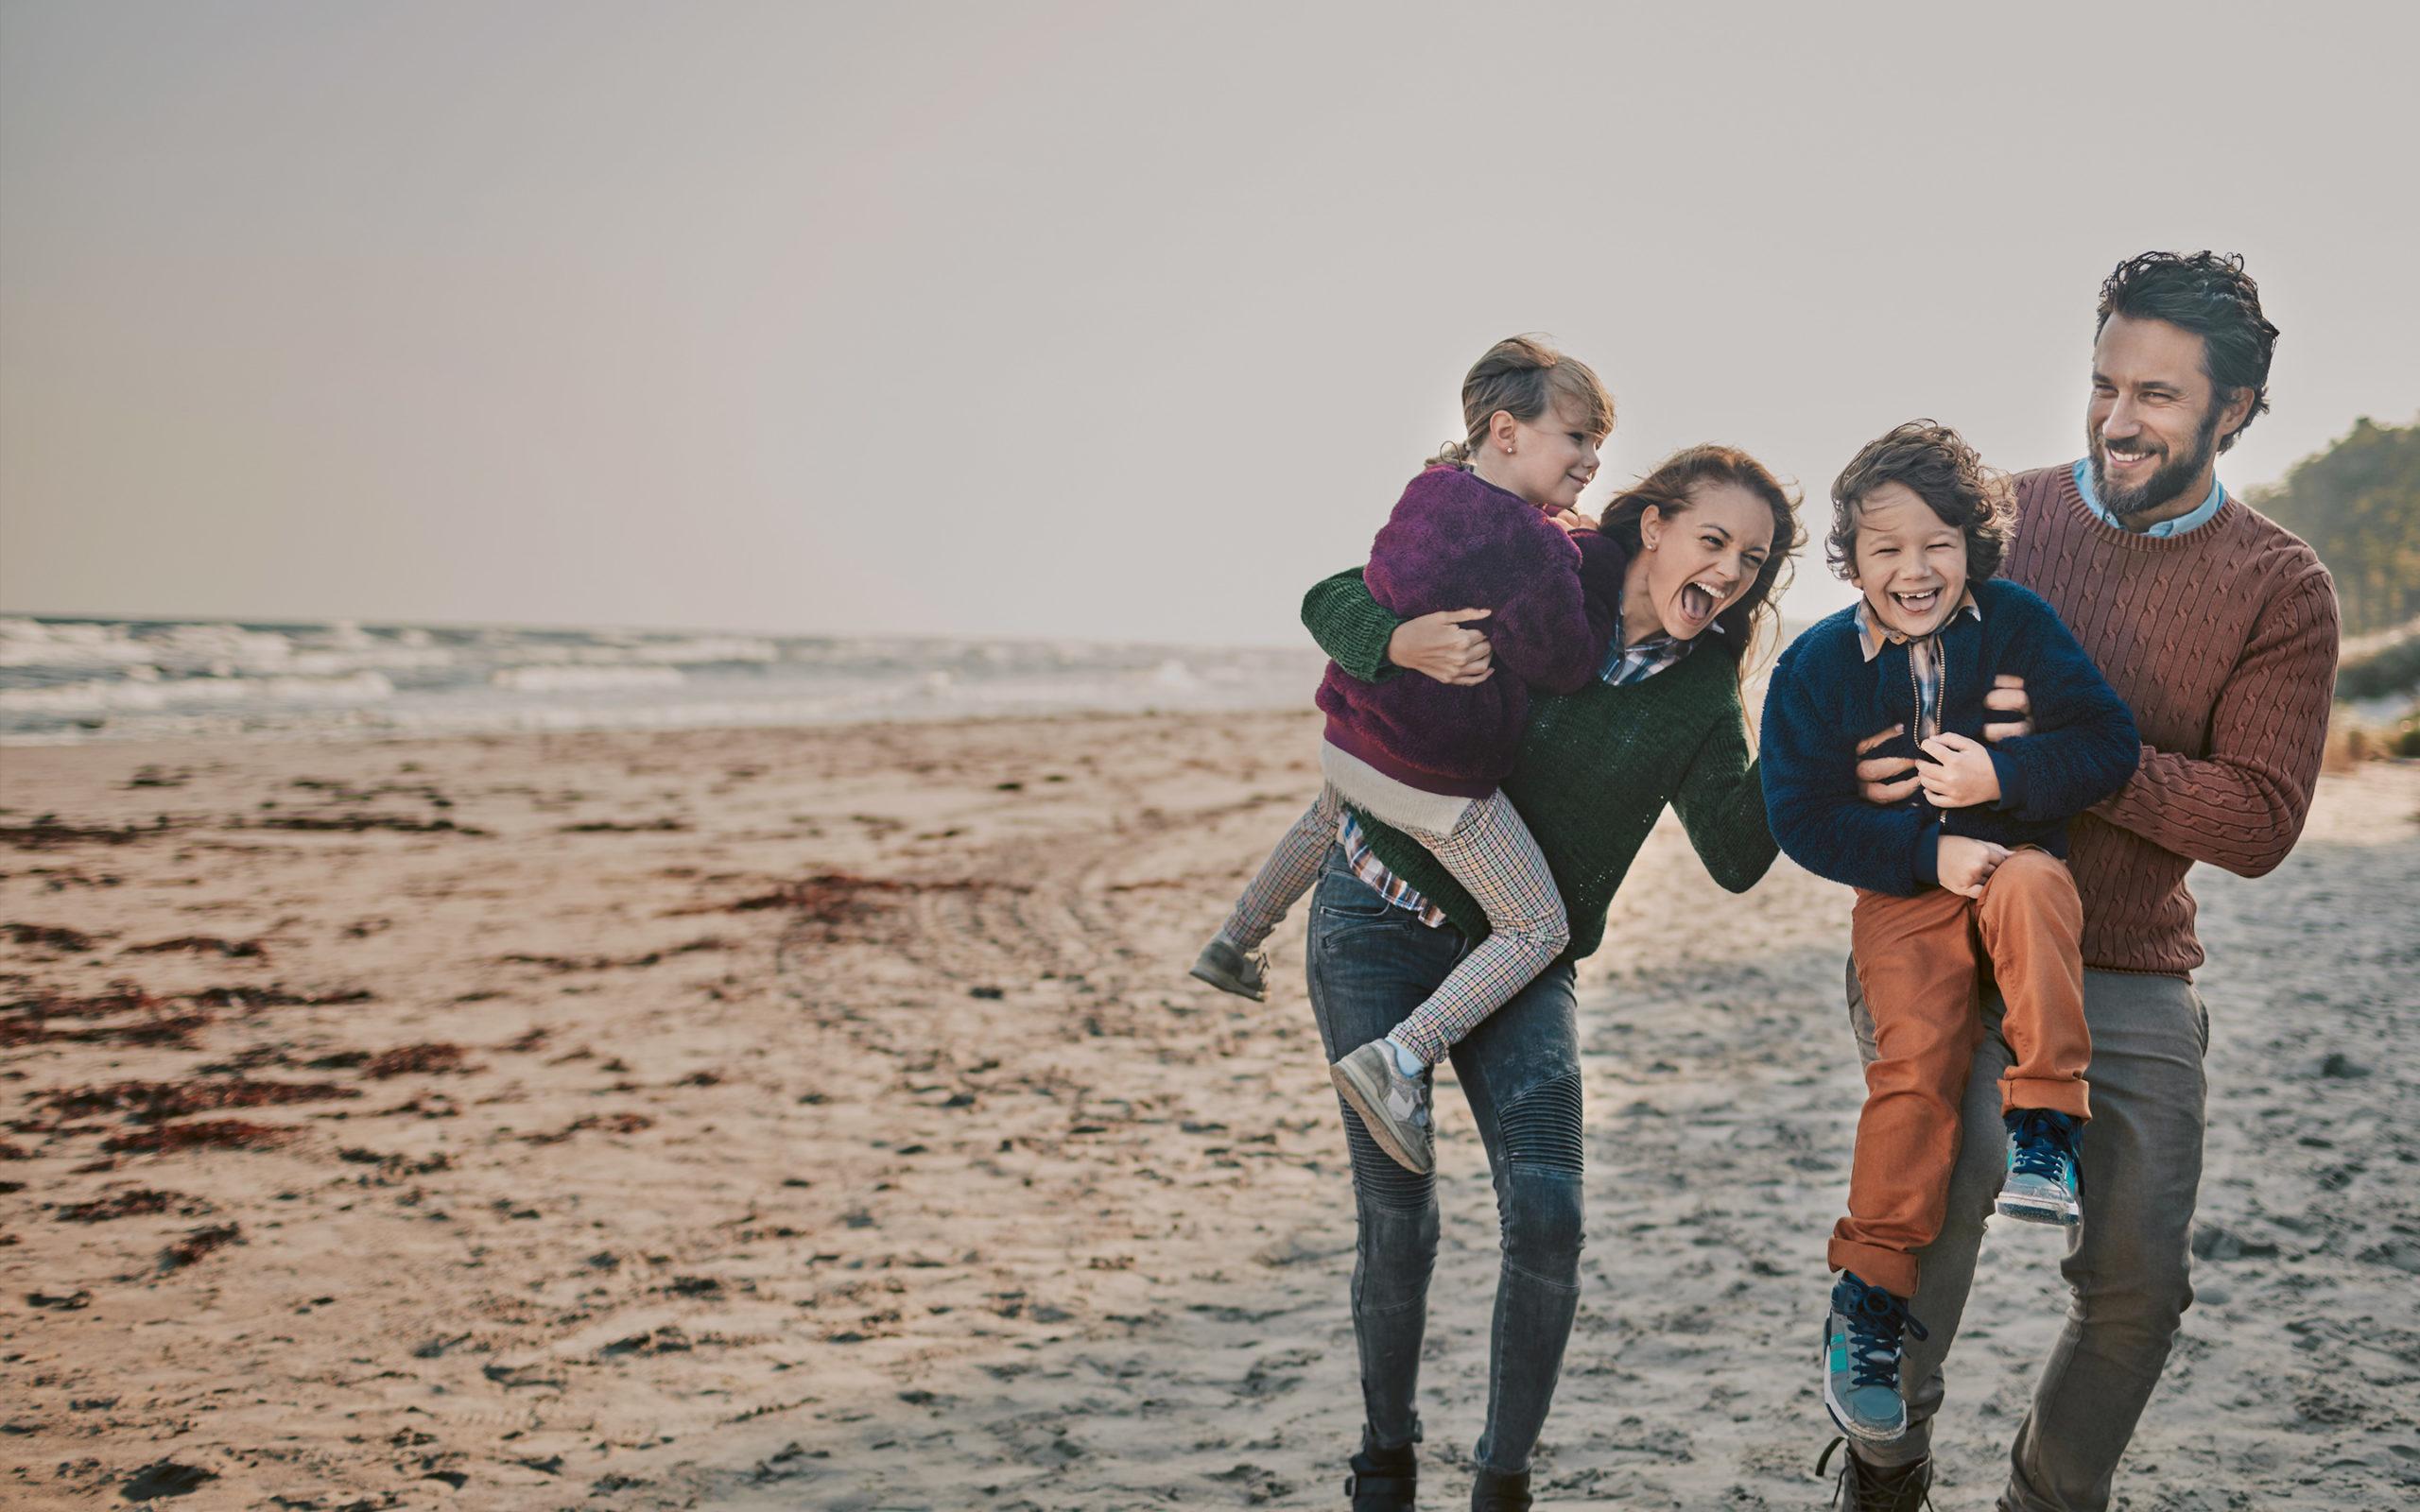 Un couple avec deux enfants rient lors d'une ballade sur la plage